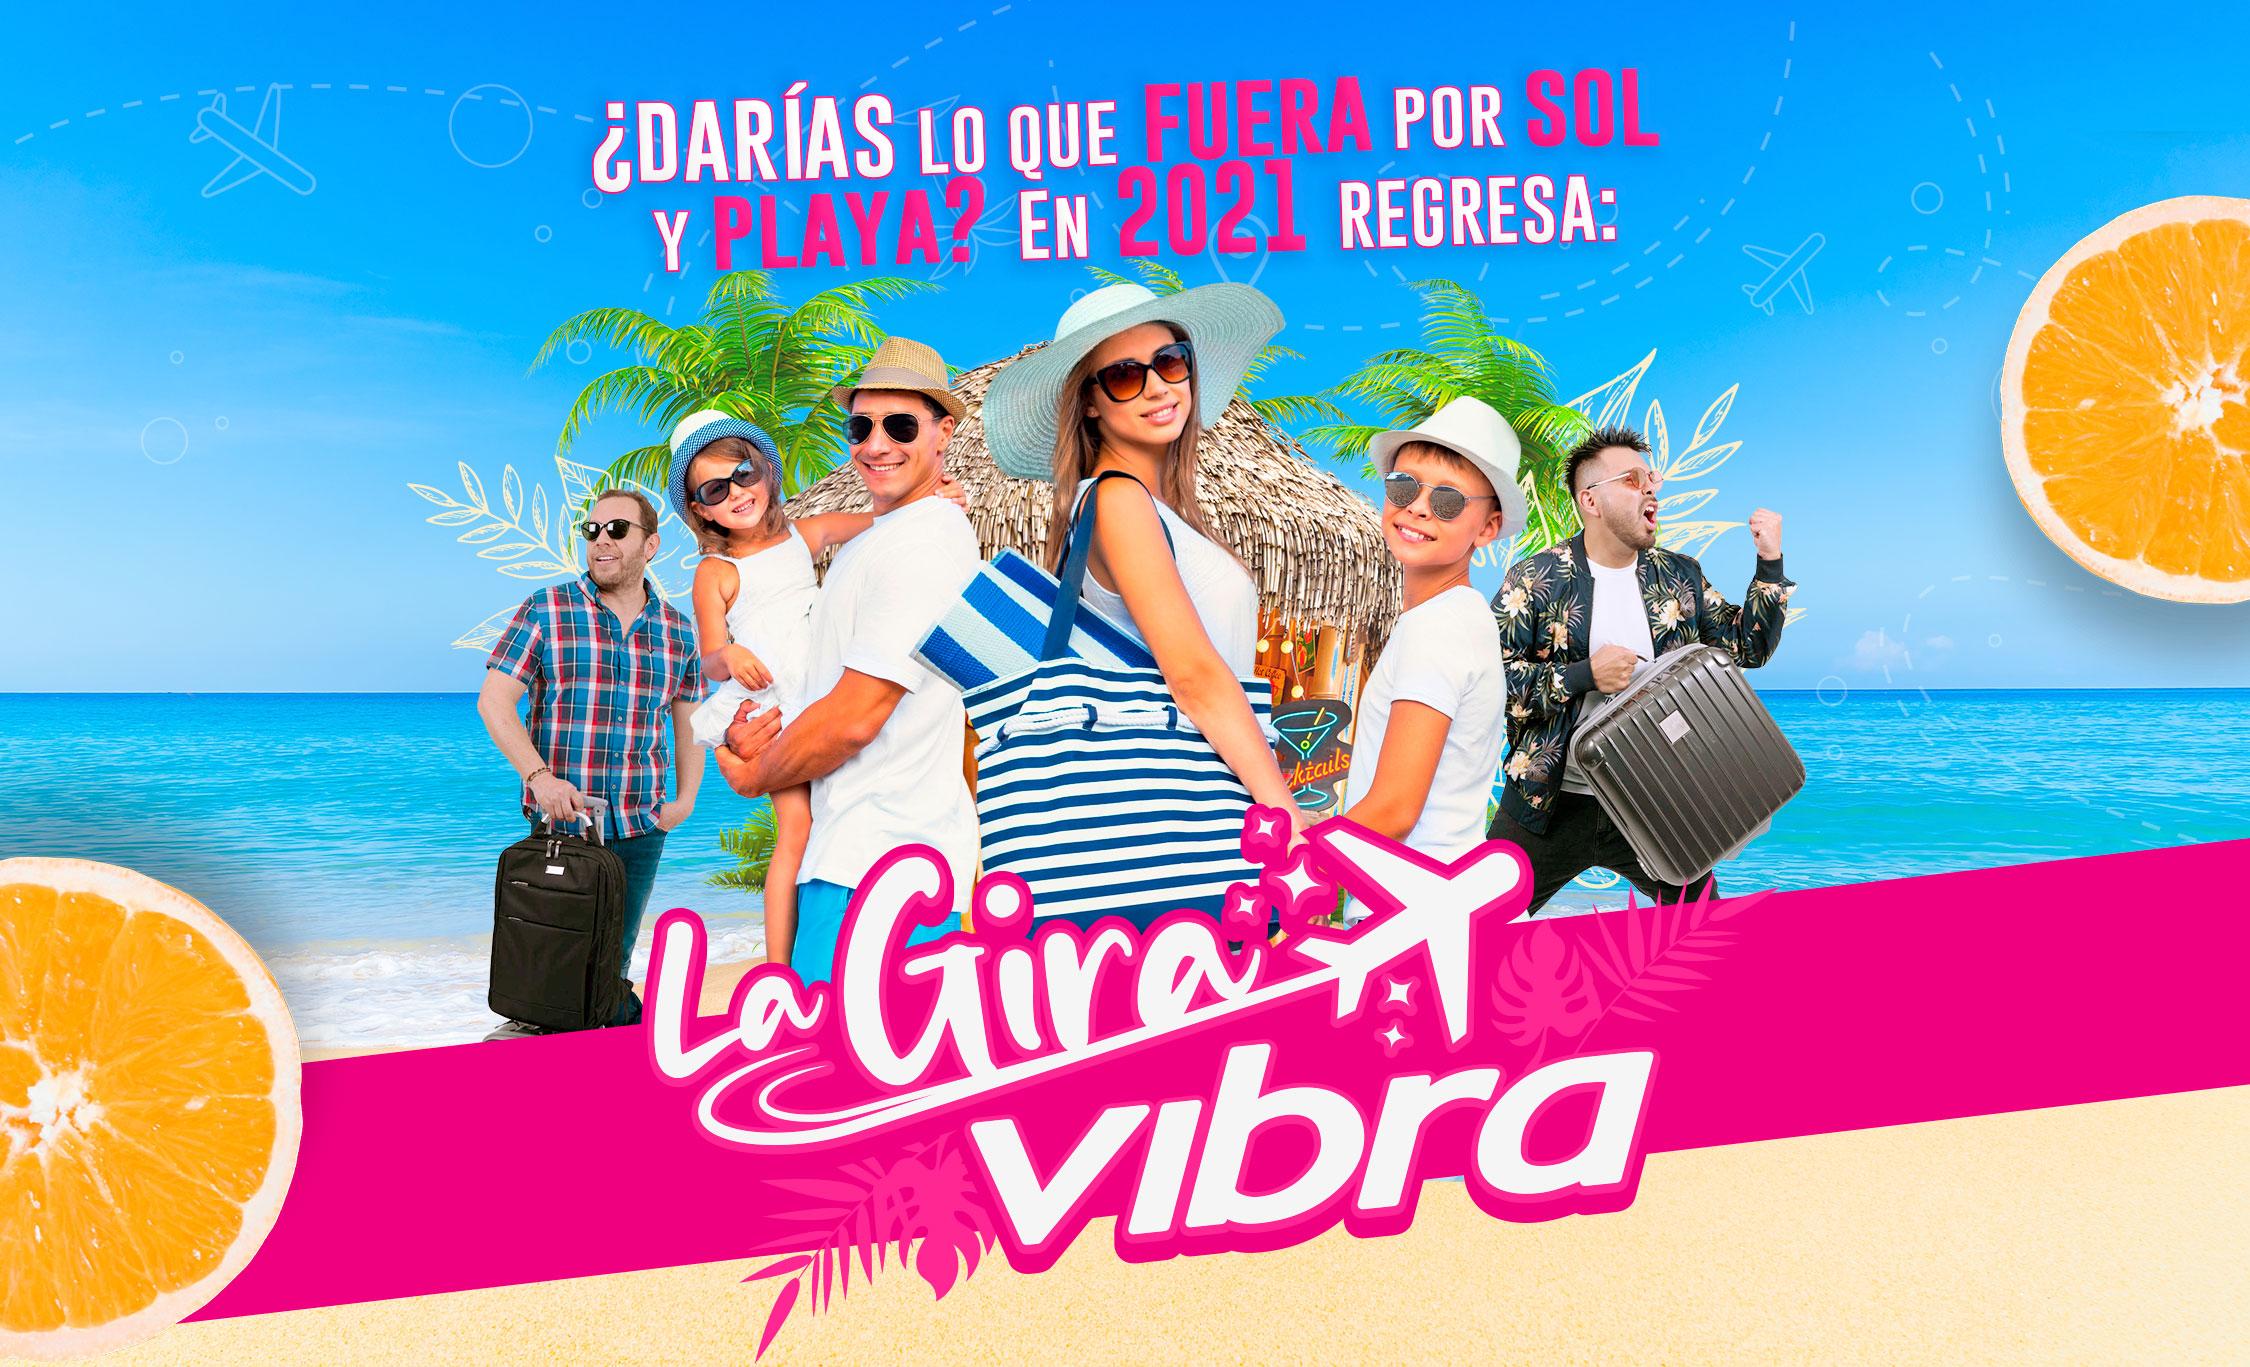 Gira Vibra: Destino San Andrés con tu familia